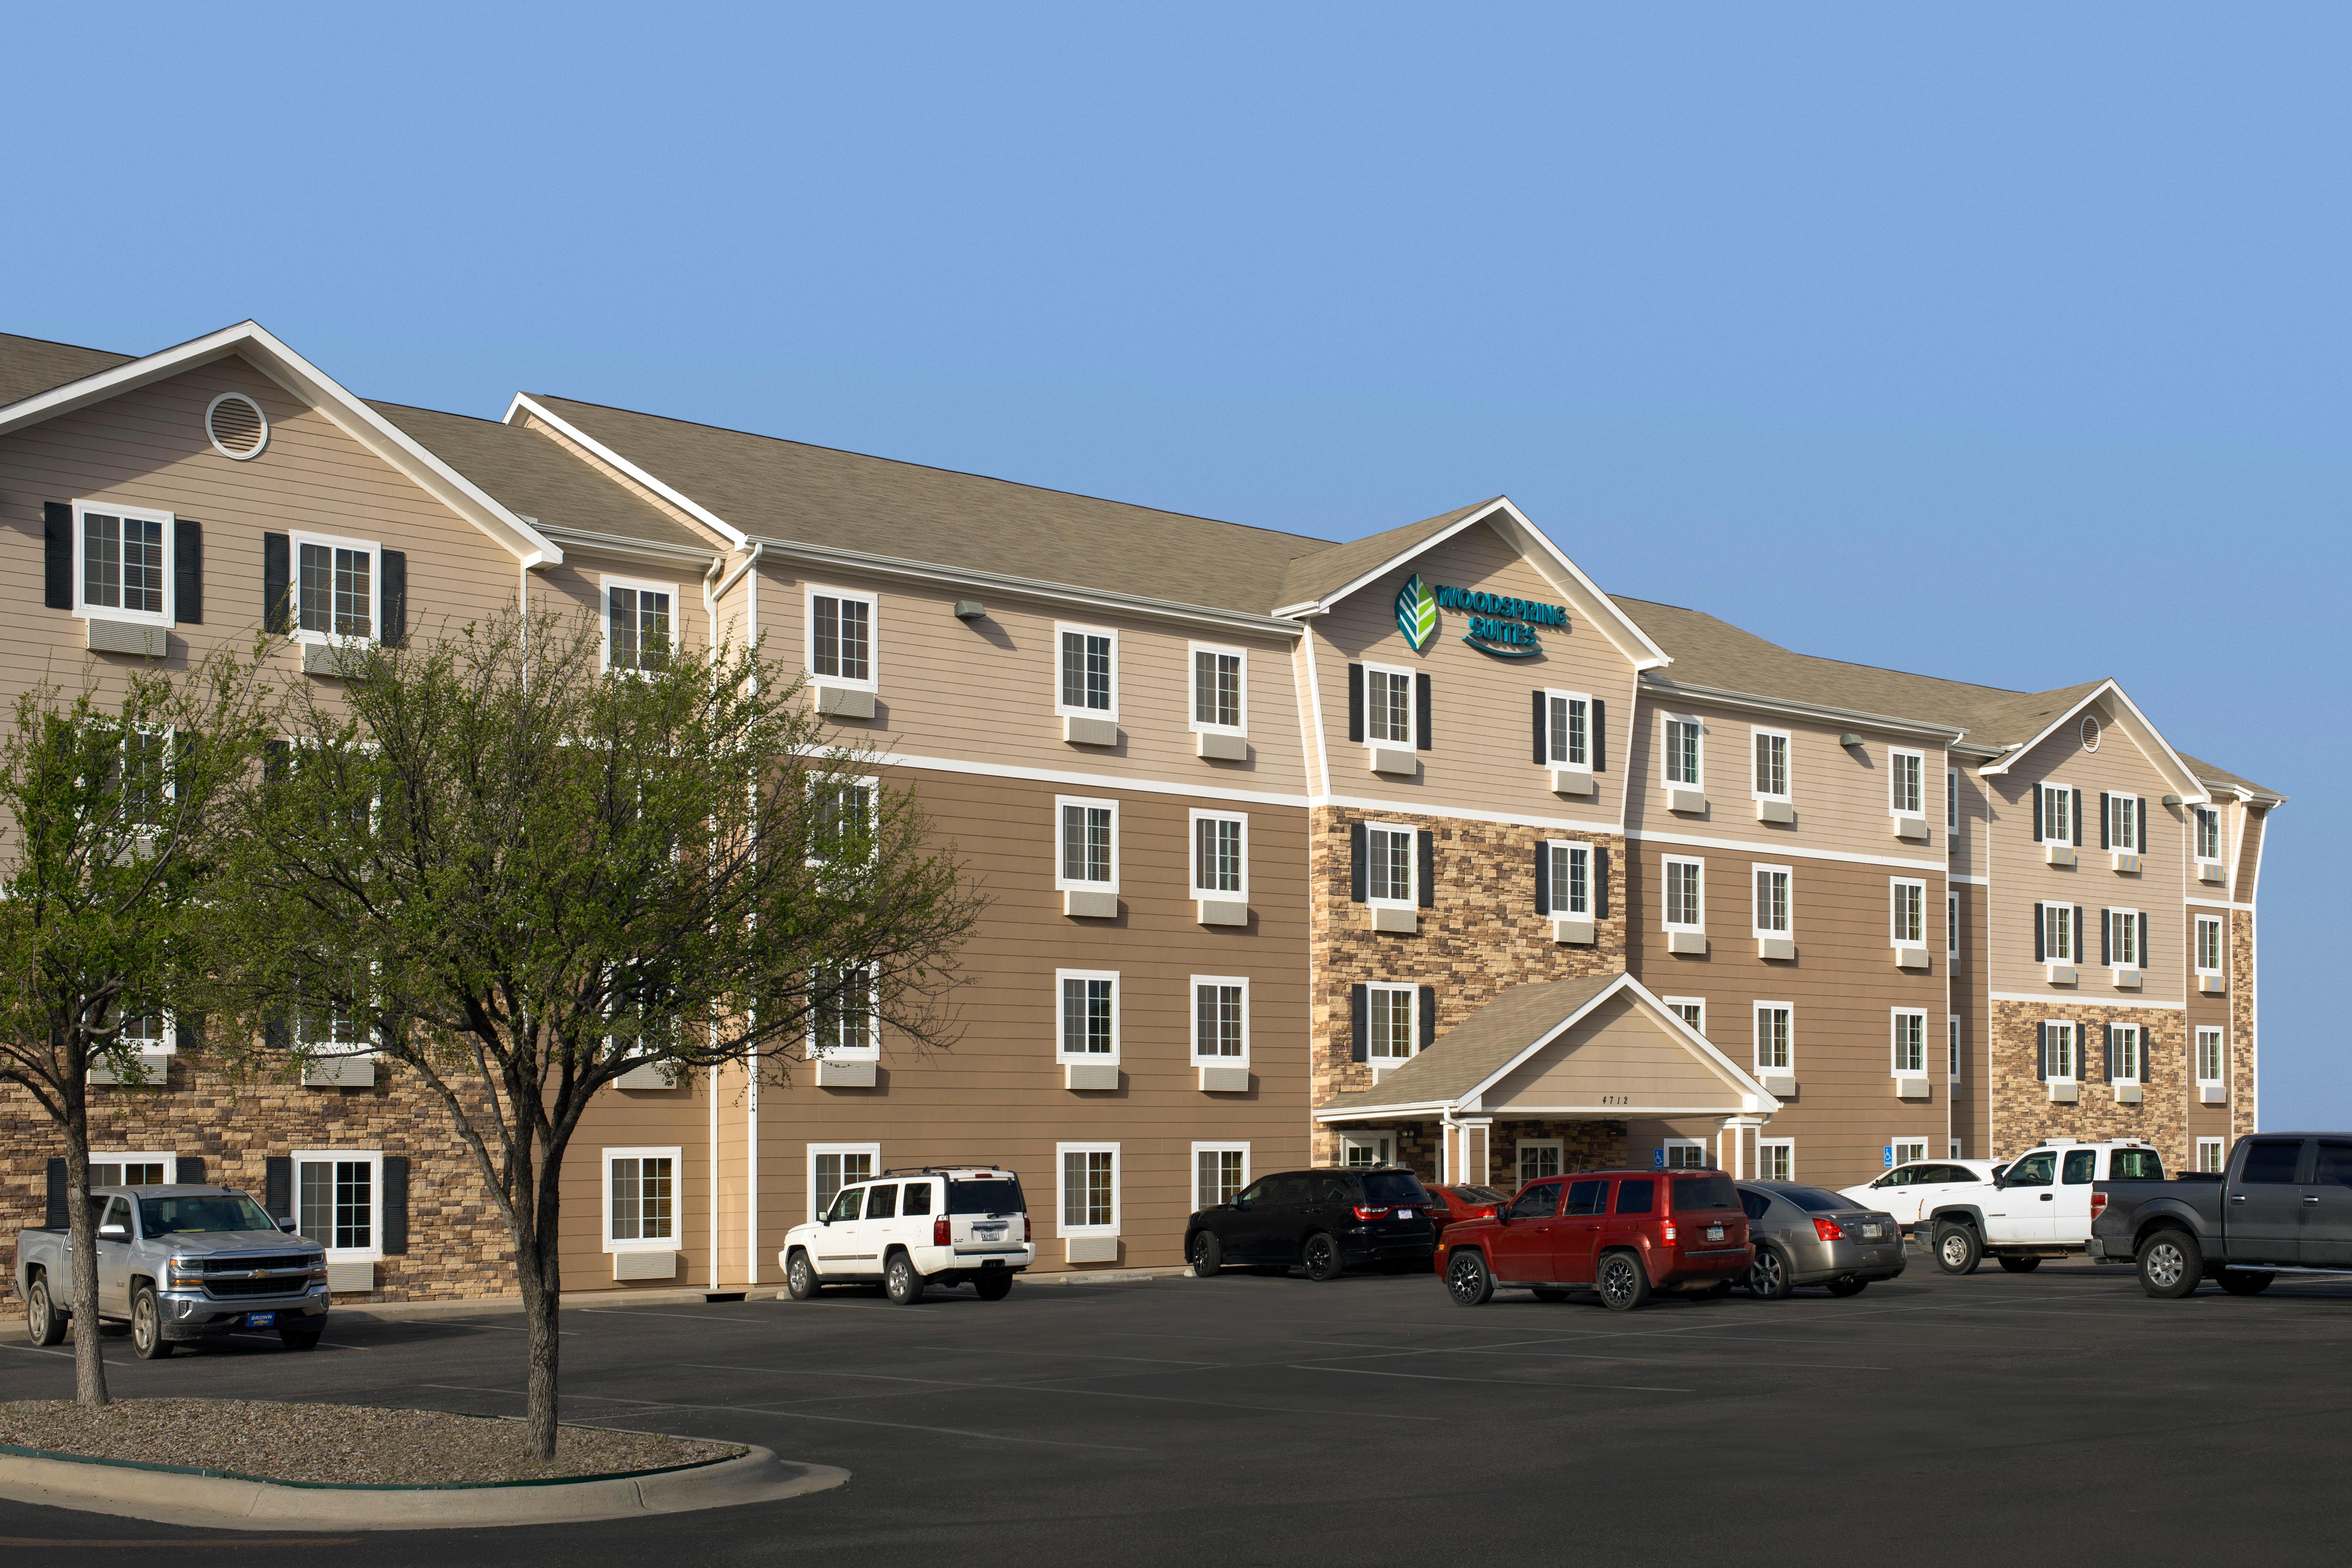 WoodSpring Suites Midland image 2